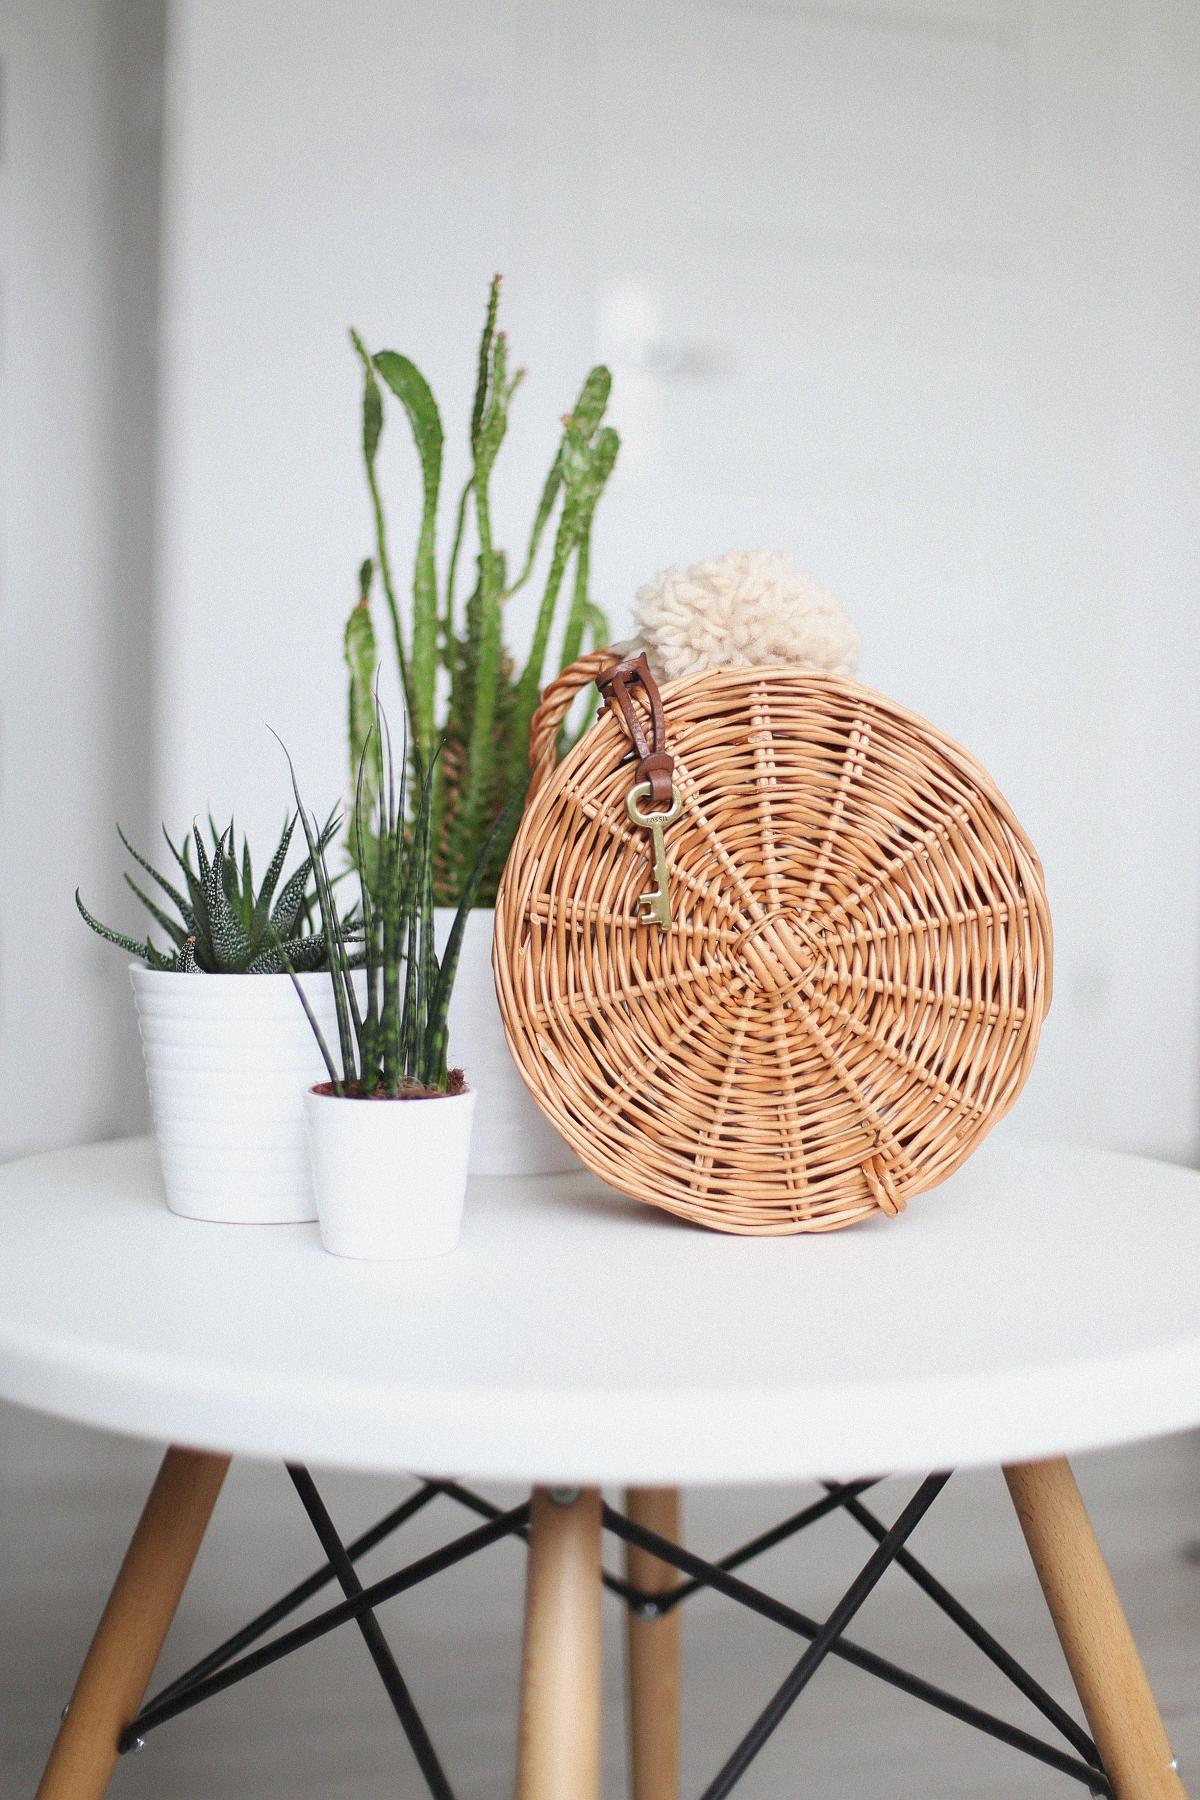 Okrągła torebka z wikliny za mniej niż 50 zł - DIY